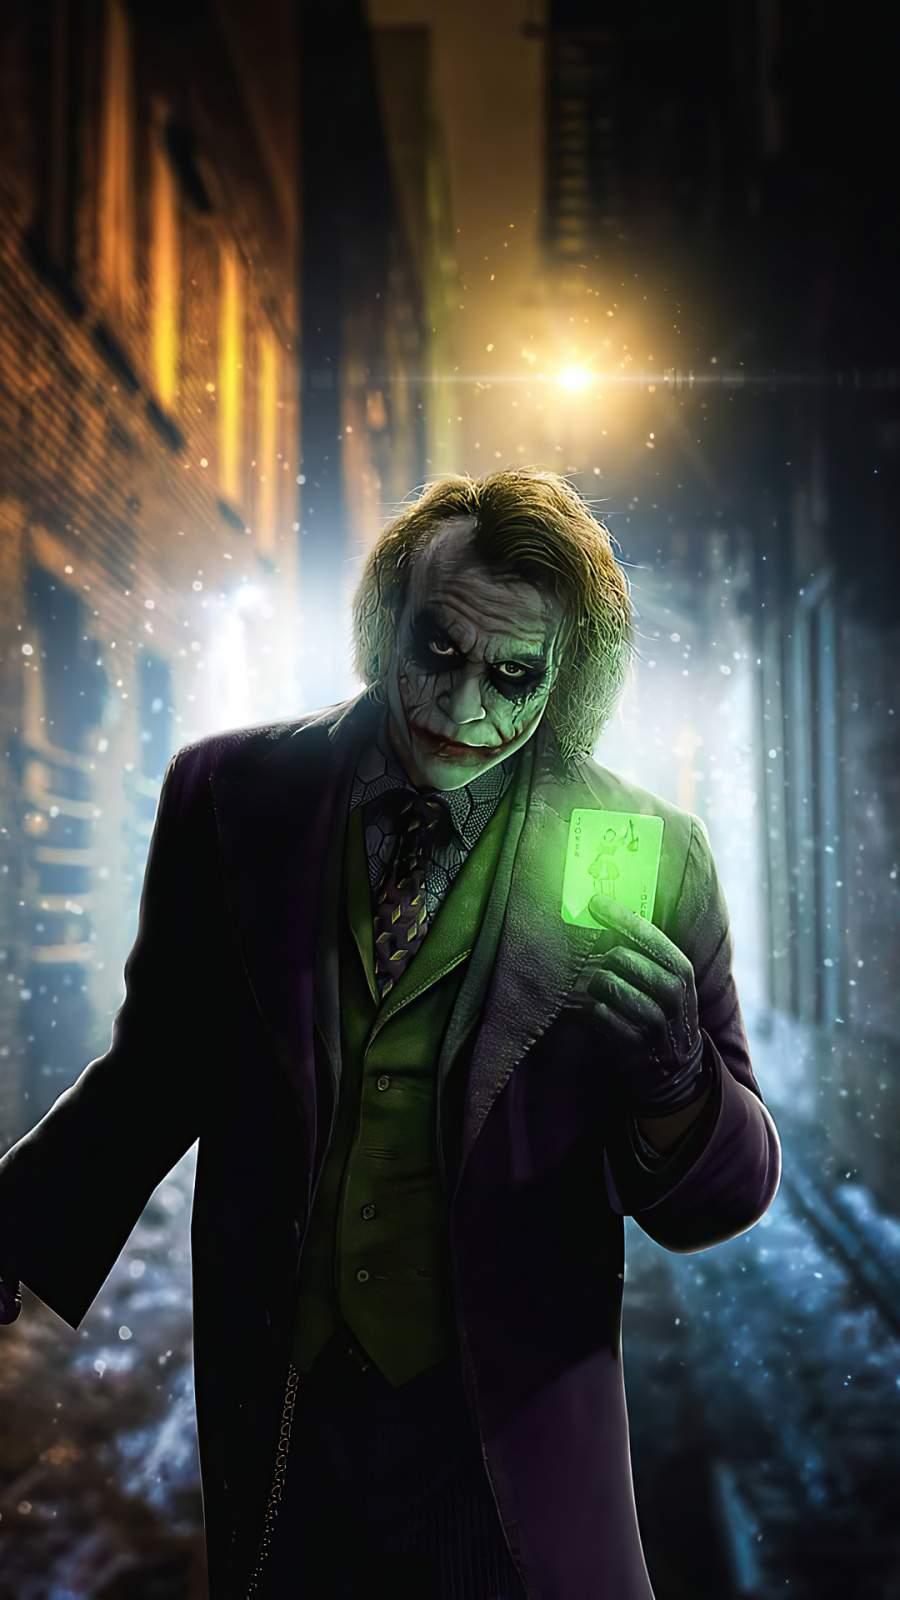 Joker Green Card